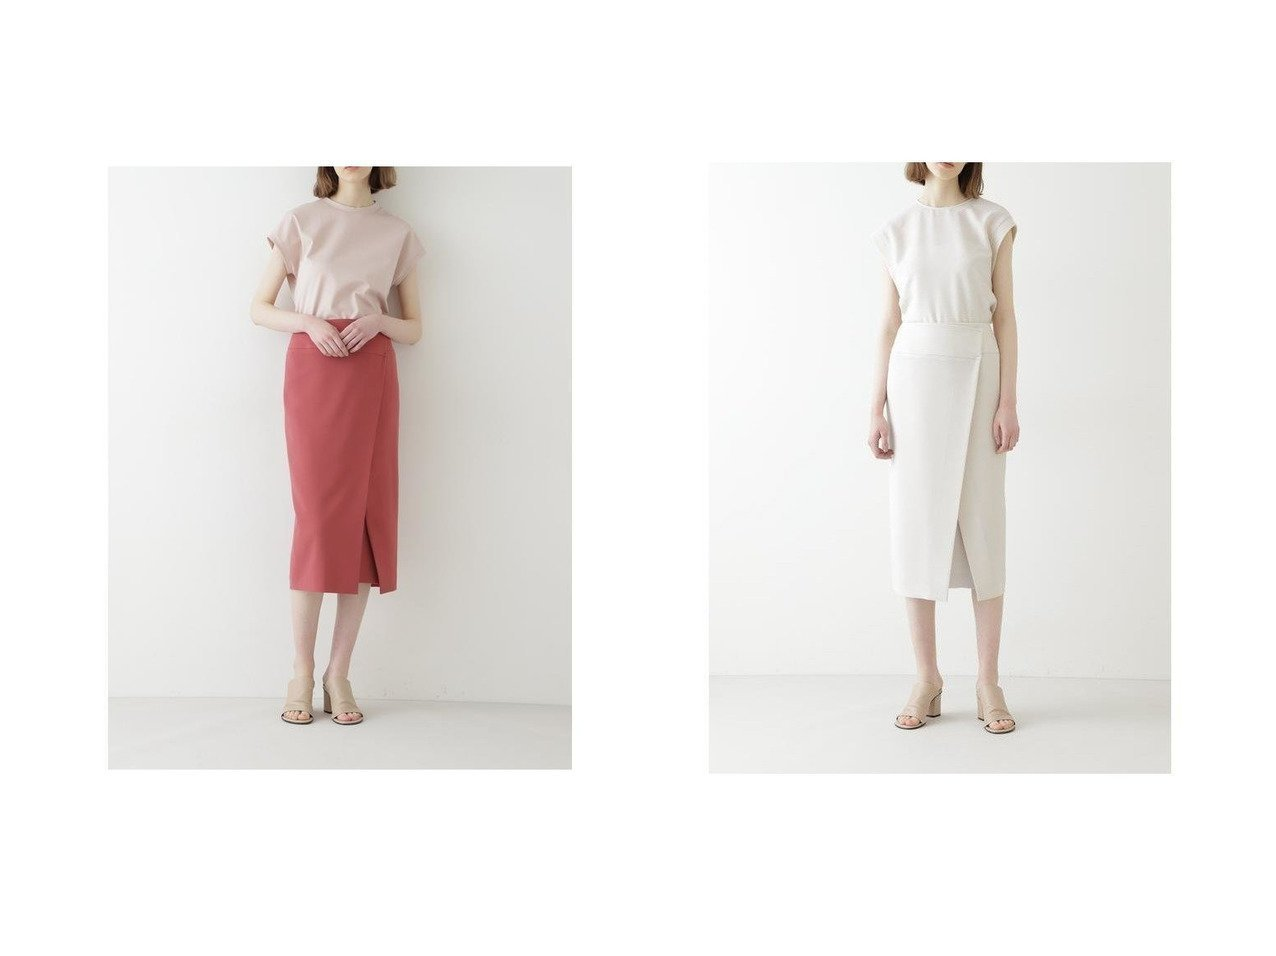 【BOSCH/ボッシュ】のCuハイストレッチセットアップスカート 【スカート】おすすめ!人気、トレンド・レディースファッションの通販 おすすめで人気の流行・トレンド、ファッションの通販商品 インテリア・家具・メンズファッション・キッズファッション・レディースファッション・服の通販 founy(ファニー) https://founy.com/ ファッション Fashion レディースファッション WOMEN セットアップ Setup スカート Skirt キュプラ フラット ラップ |ID:crp329100000044069